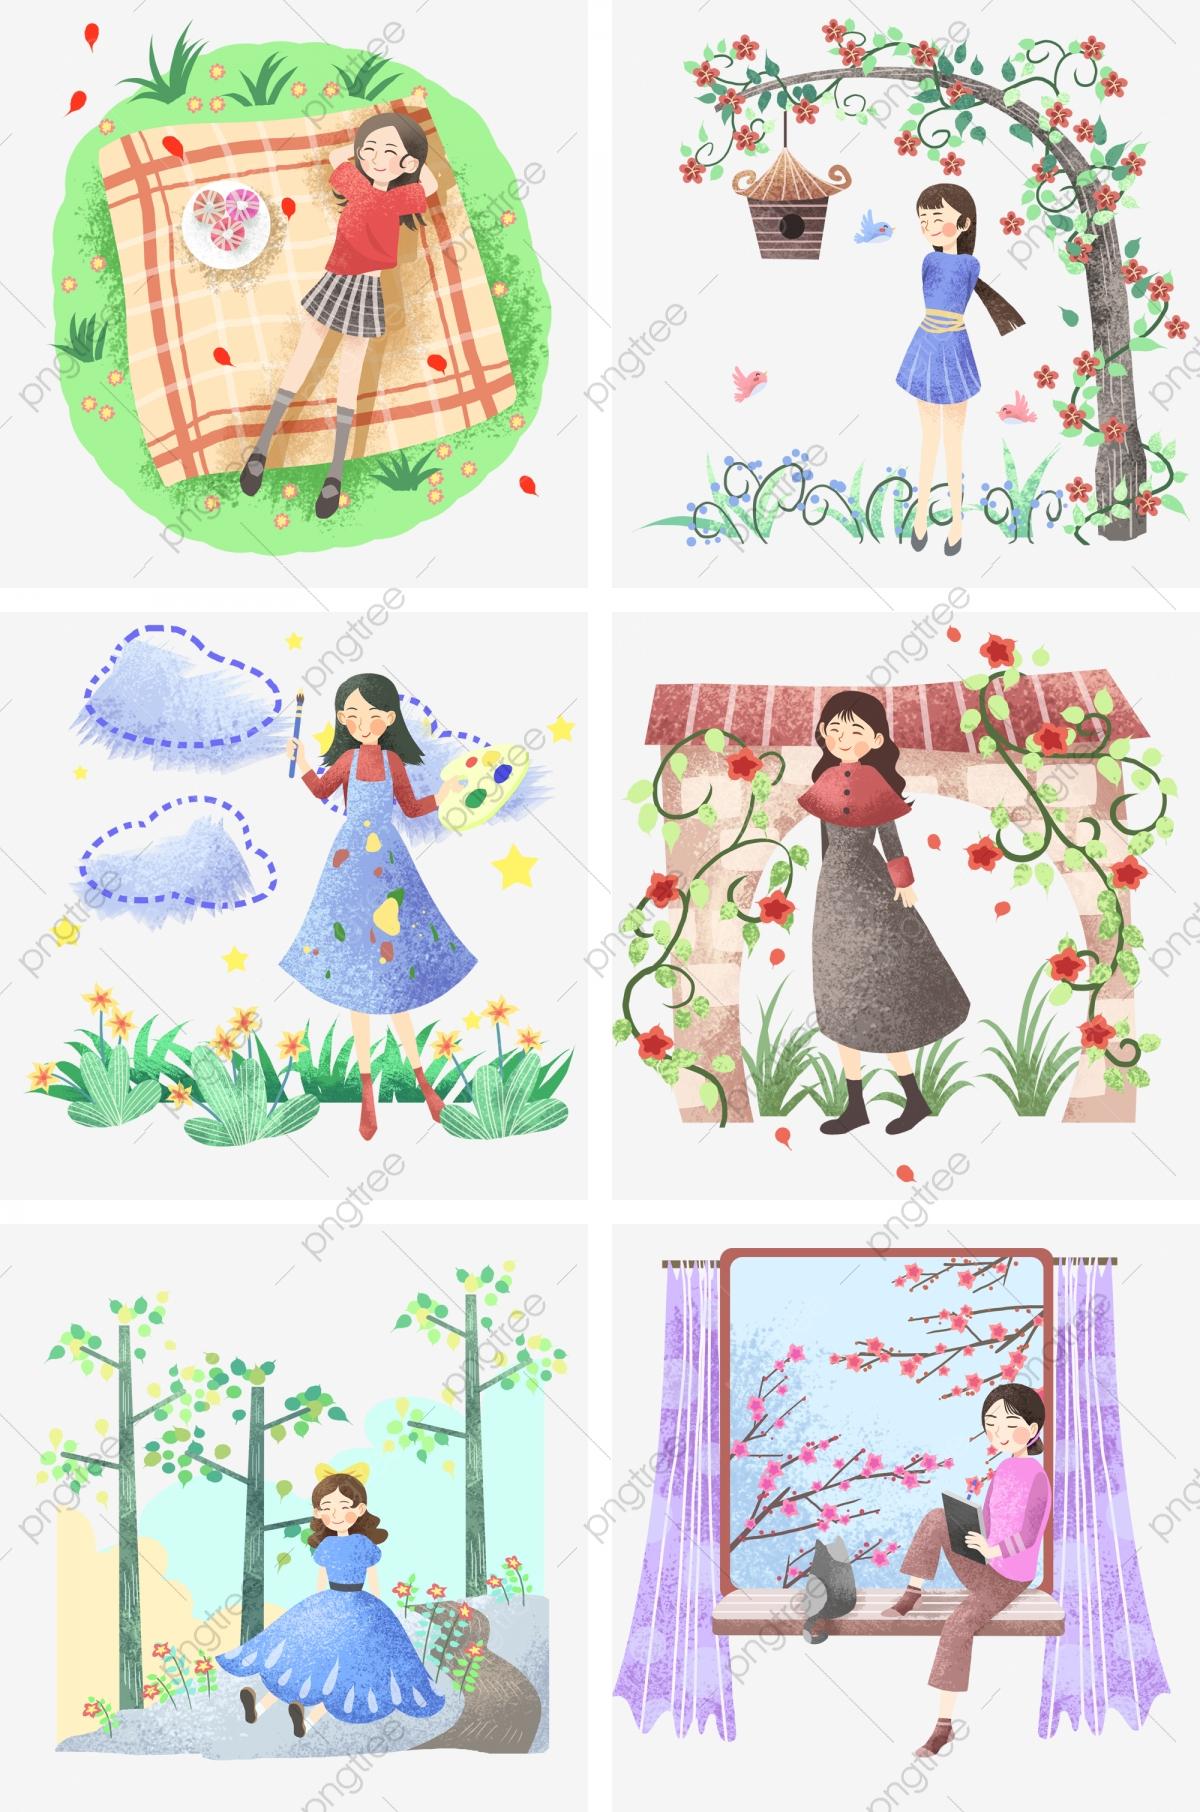 Fille De Peinture Illustration De Dessin Animé Illustration encequiconcerne Jeux De Peinture Pour Fille